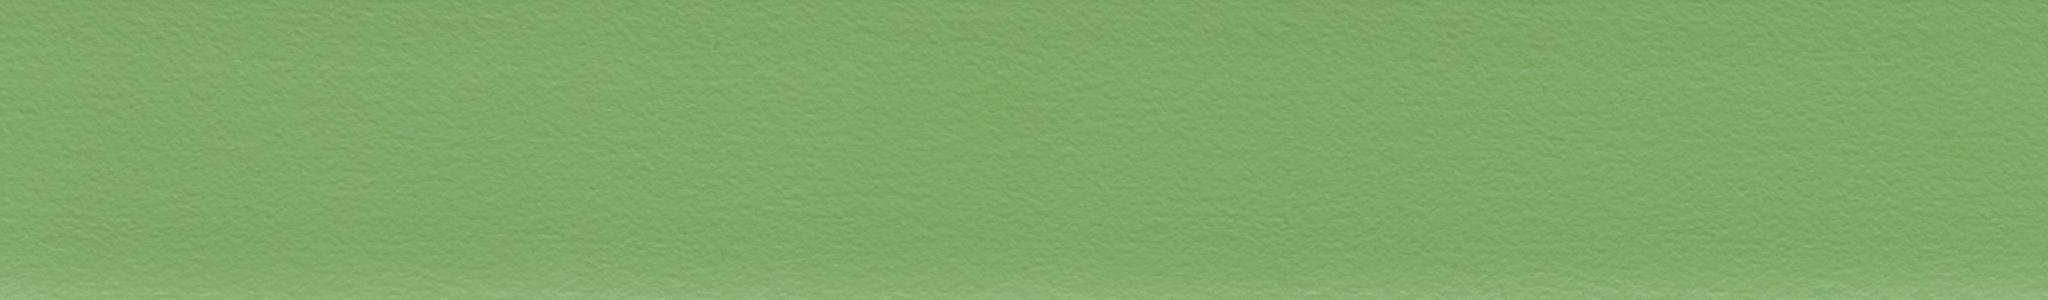 HU 16502 ABS hrana zelená perla jemná 107